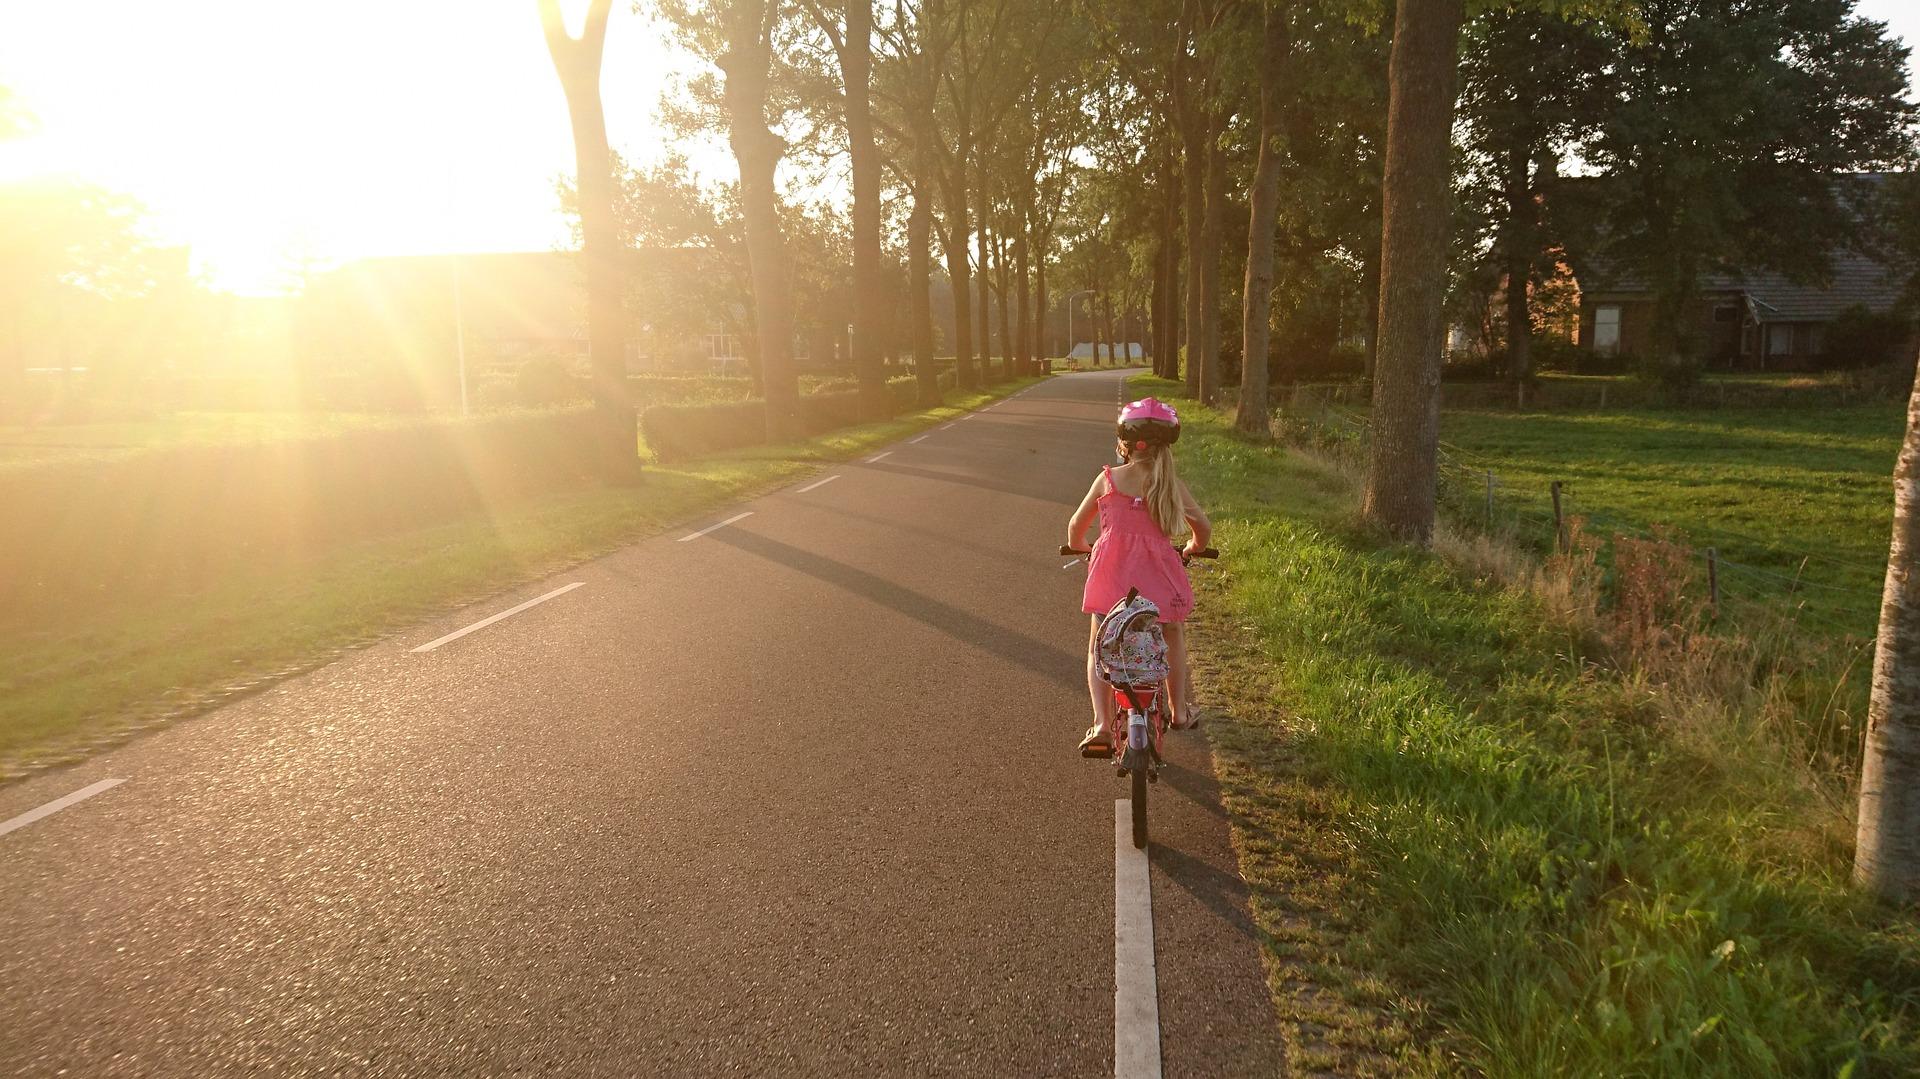 Kinderunfall: Schutzkleidung auf Rädern empfehlenswert